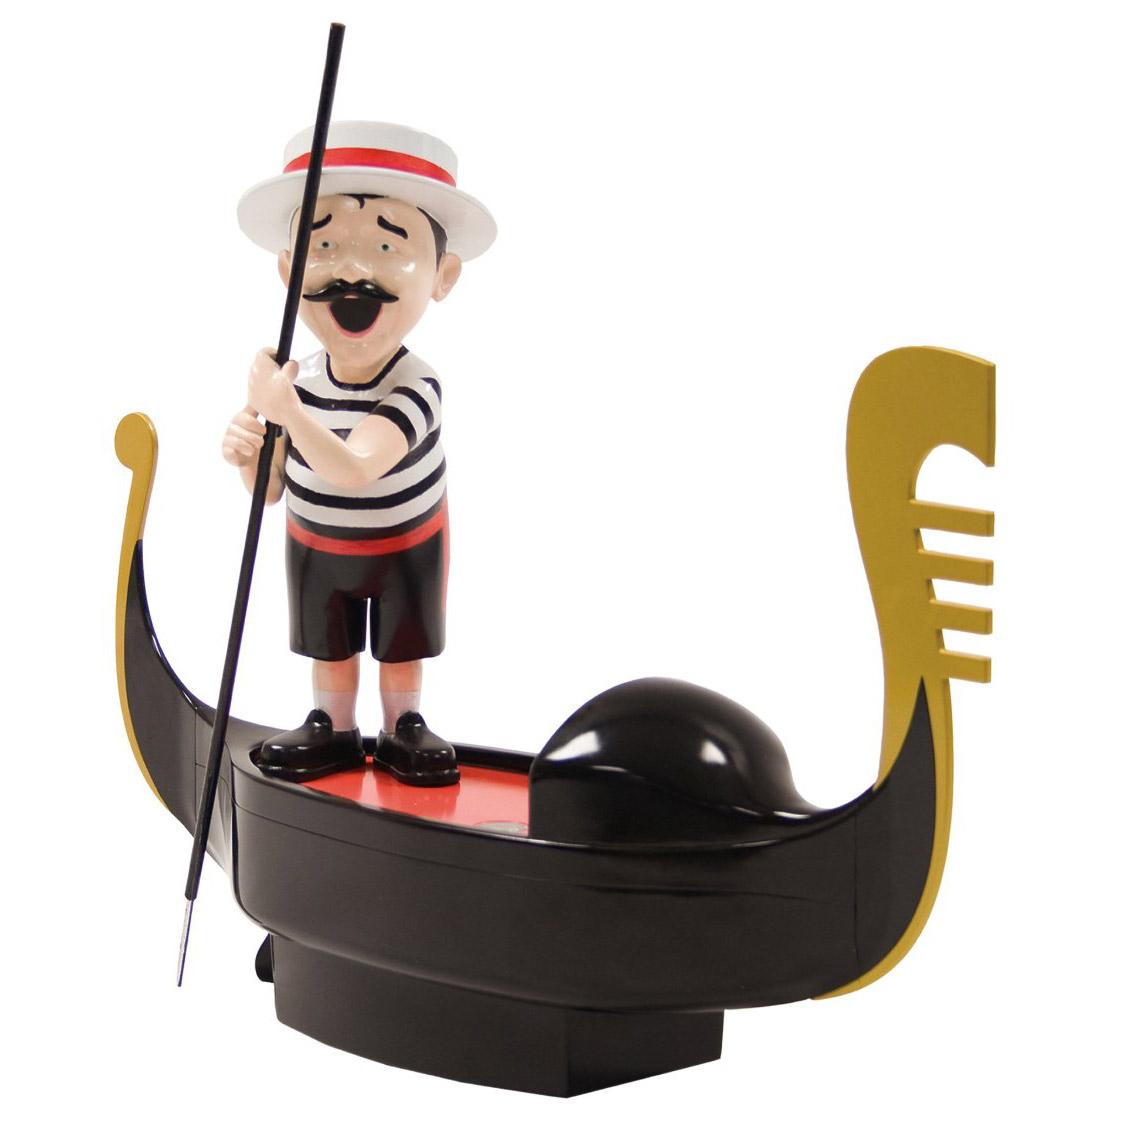 Gondola clipart gondolier Head Serenading Serenading Green Pool